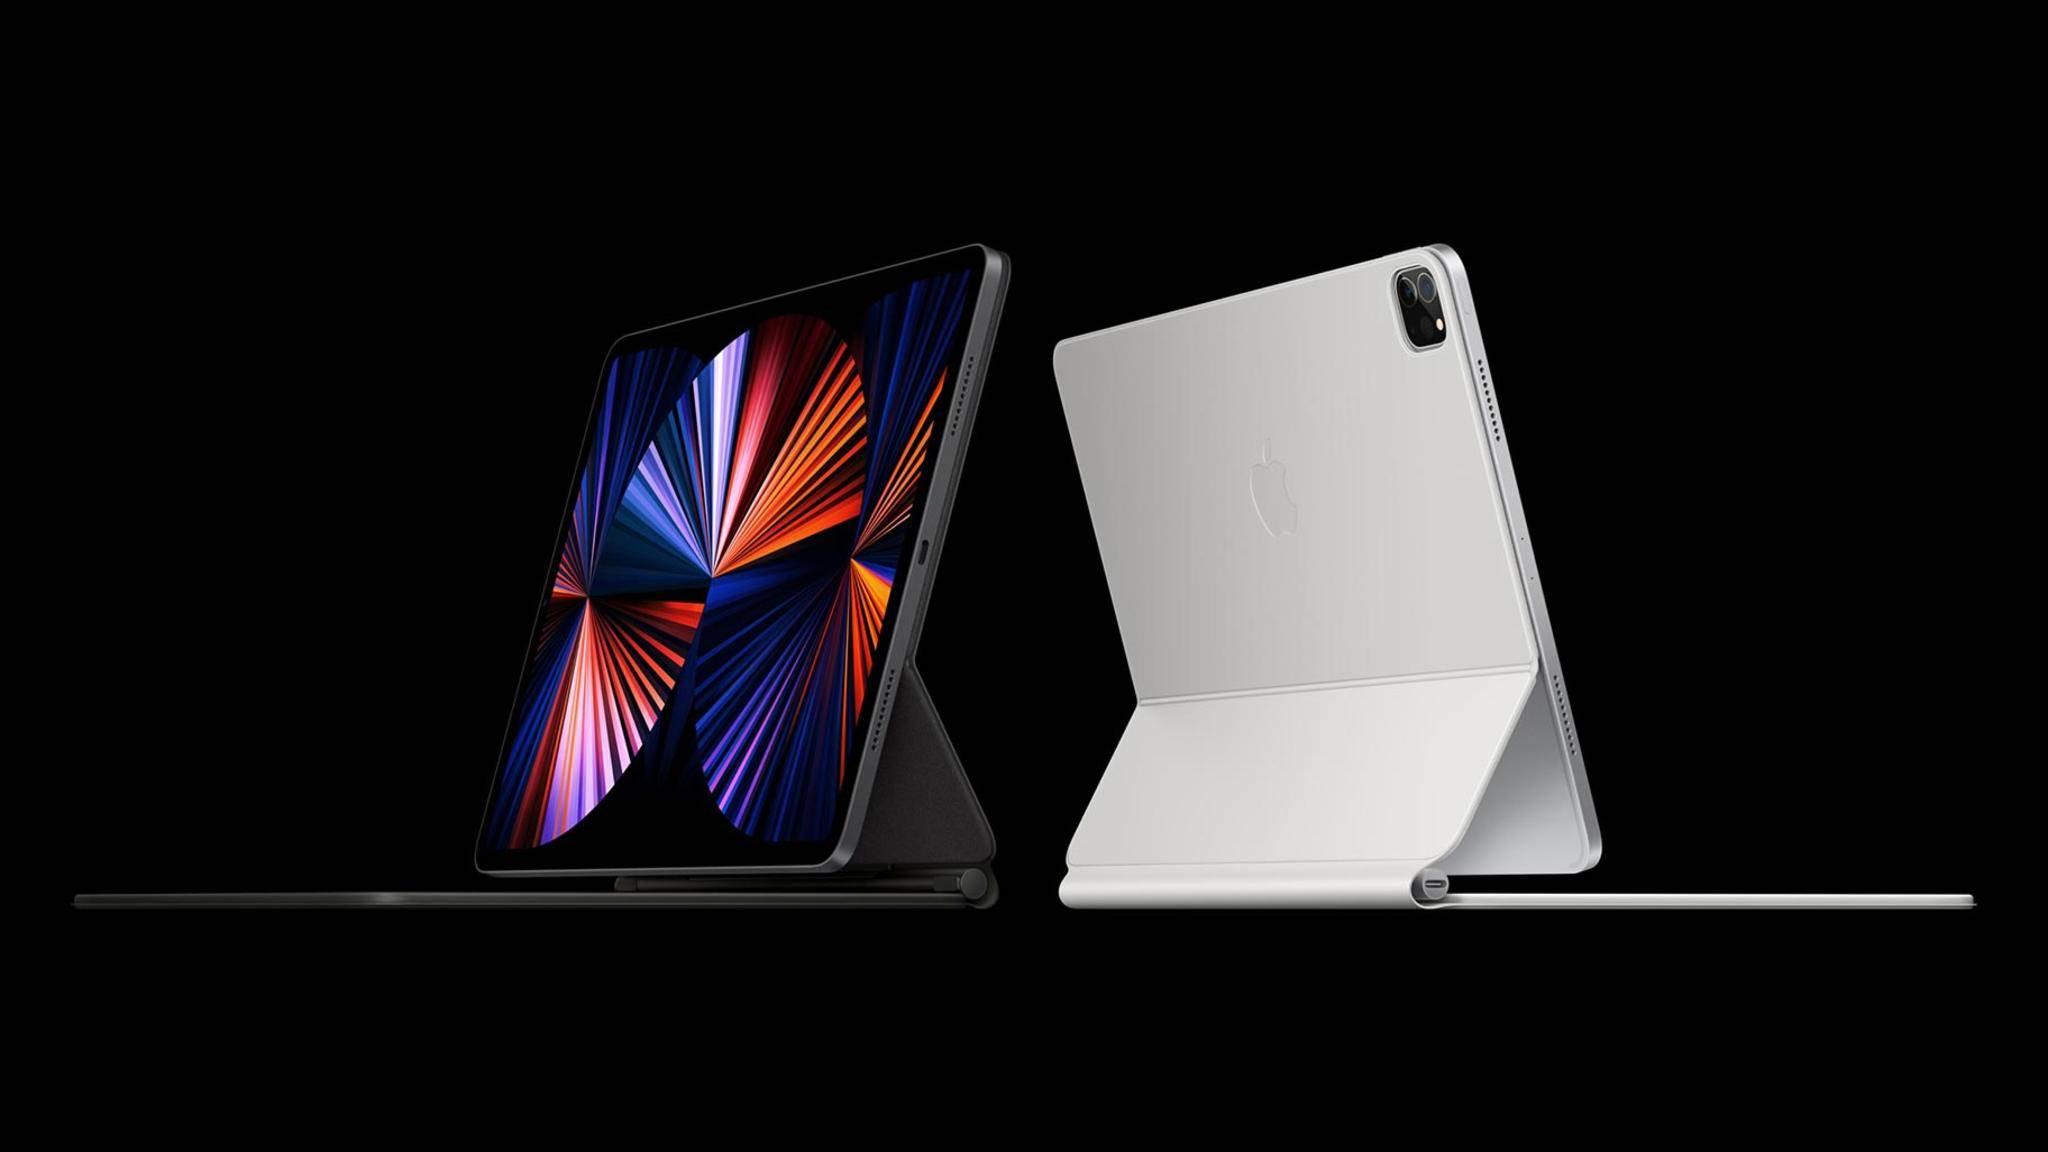 Das neue iPad Pro bietet dank M1-Chip noch bessere Performance.